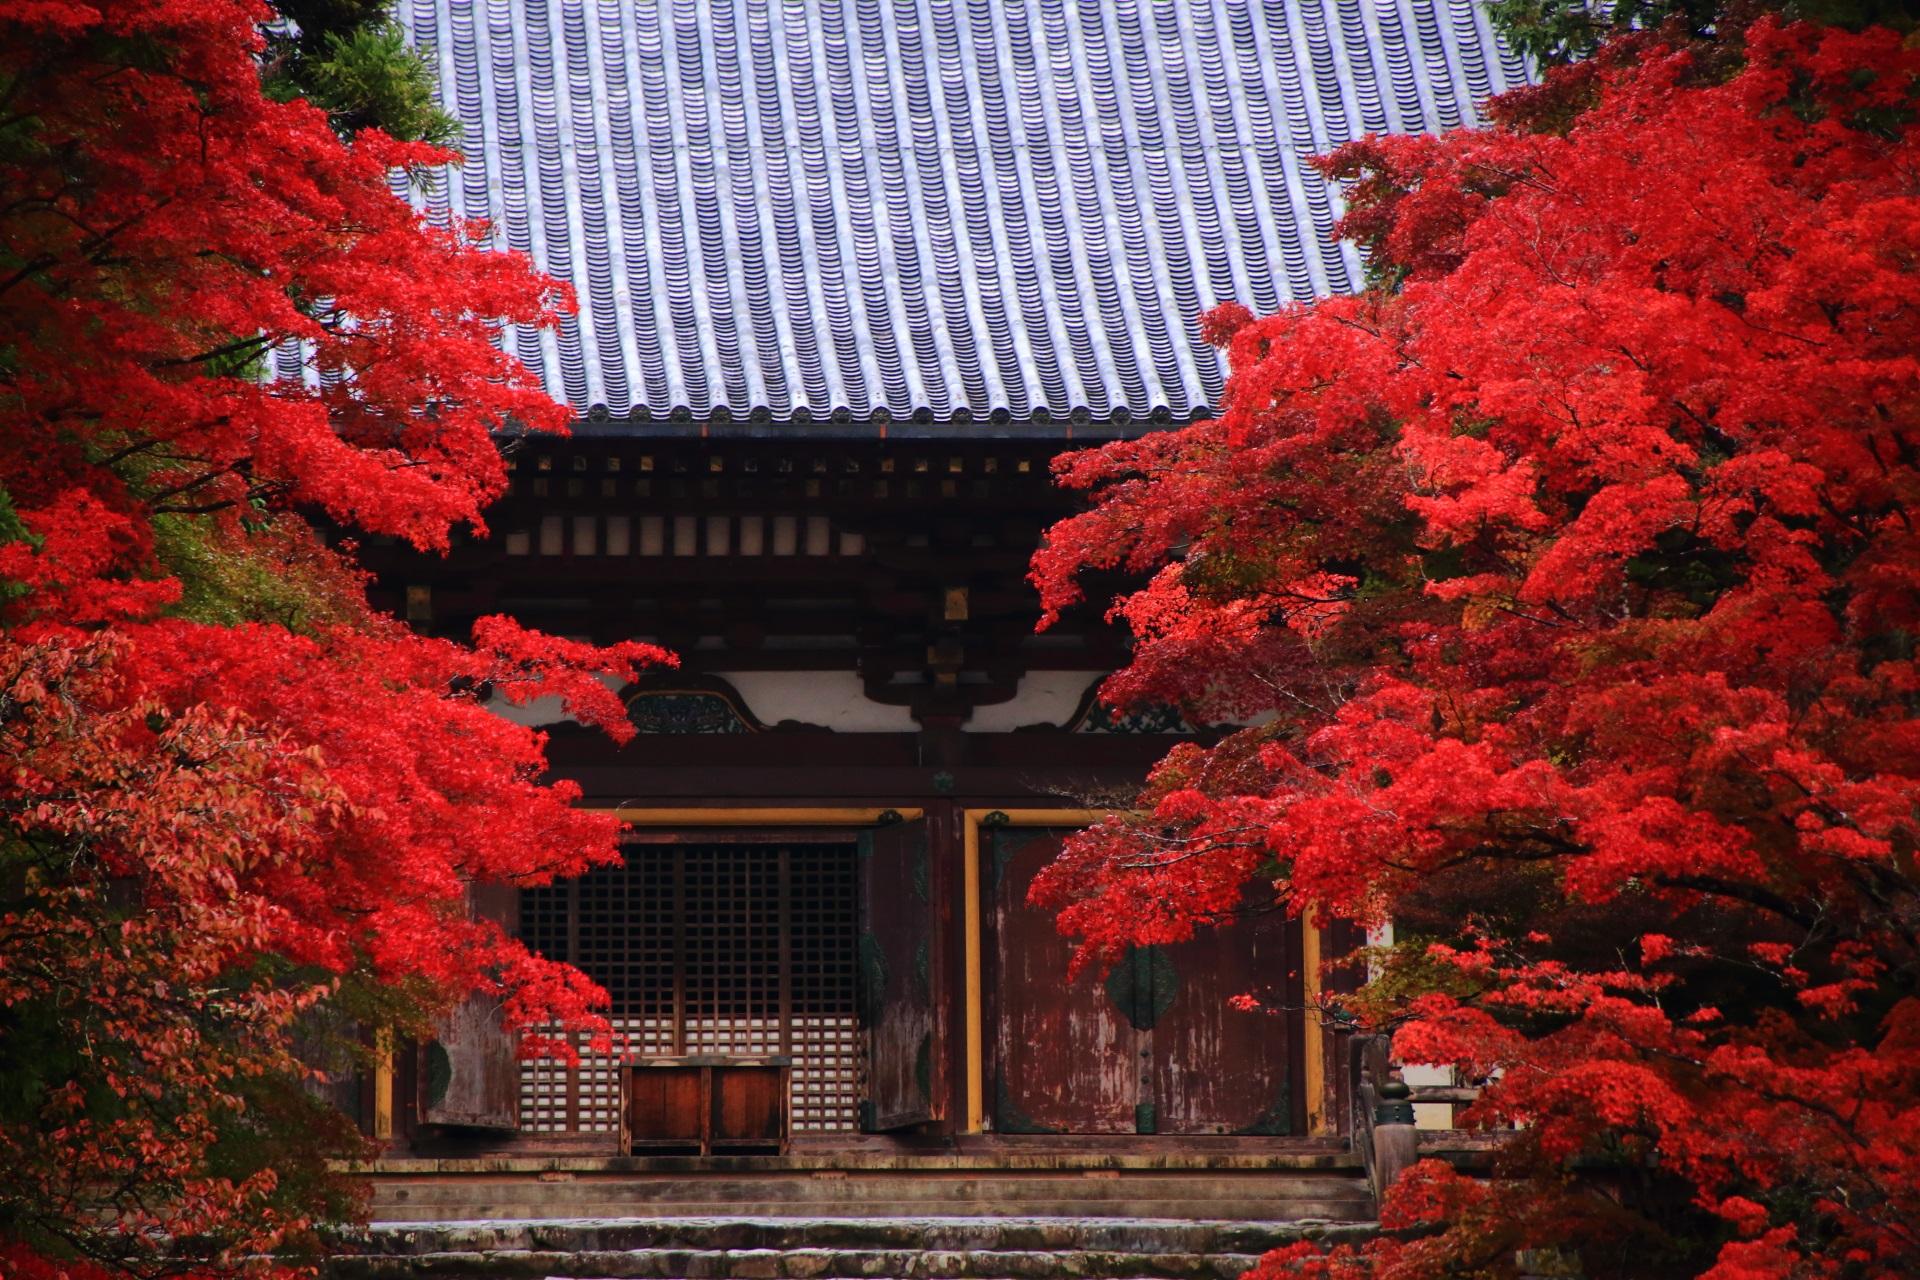 神護寺の雄大な金堂を染める鮮やかな紅葉